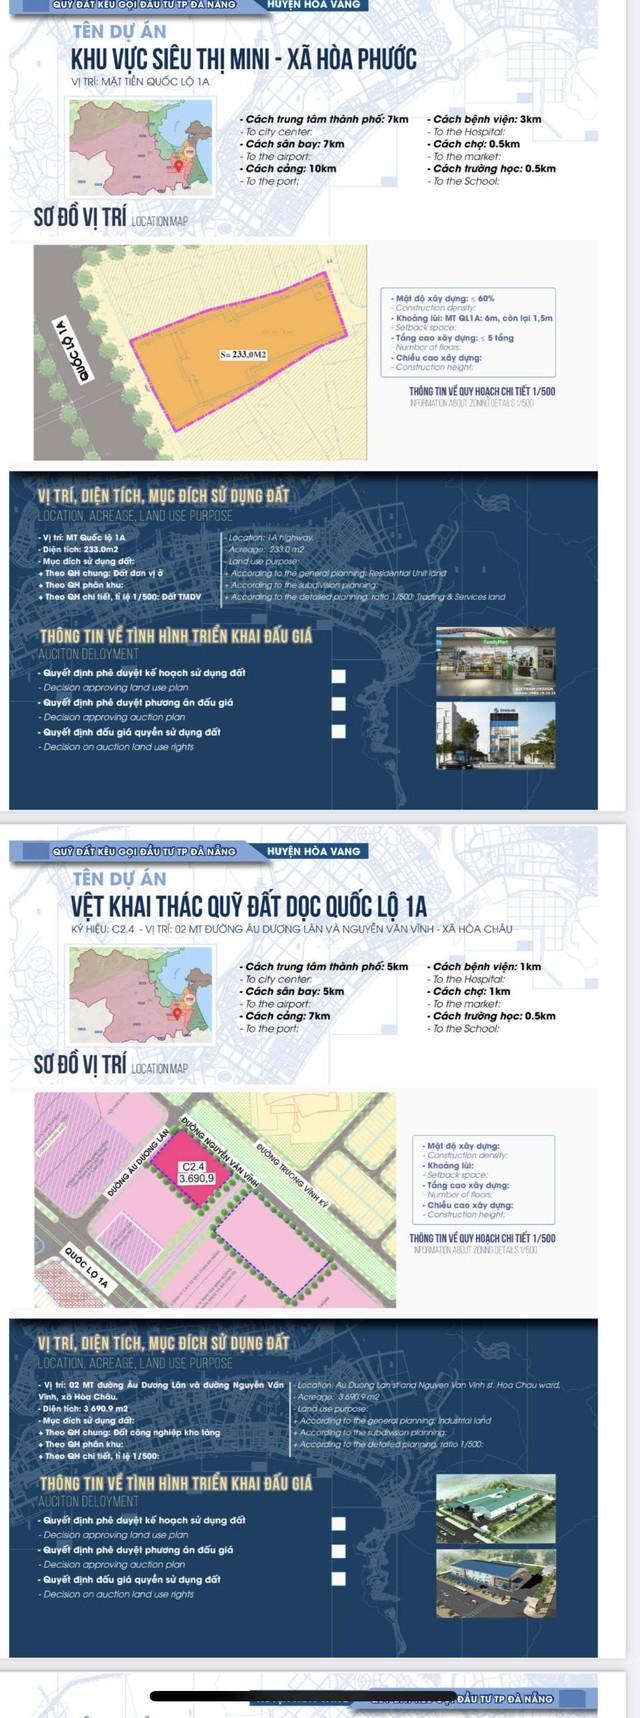 Sau sốt đất, Đà Nẵng bất ngờ công bố chi tiết 22 khu đất sạch kêu gọi đầu tư - Ảnh 7.